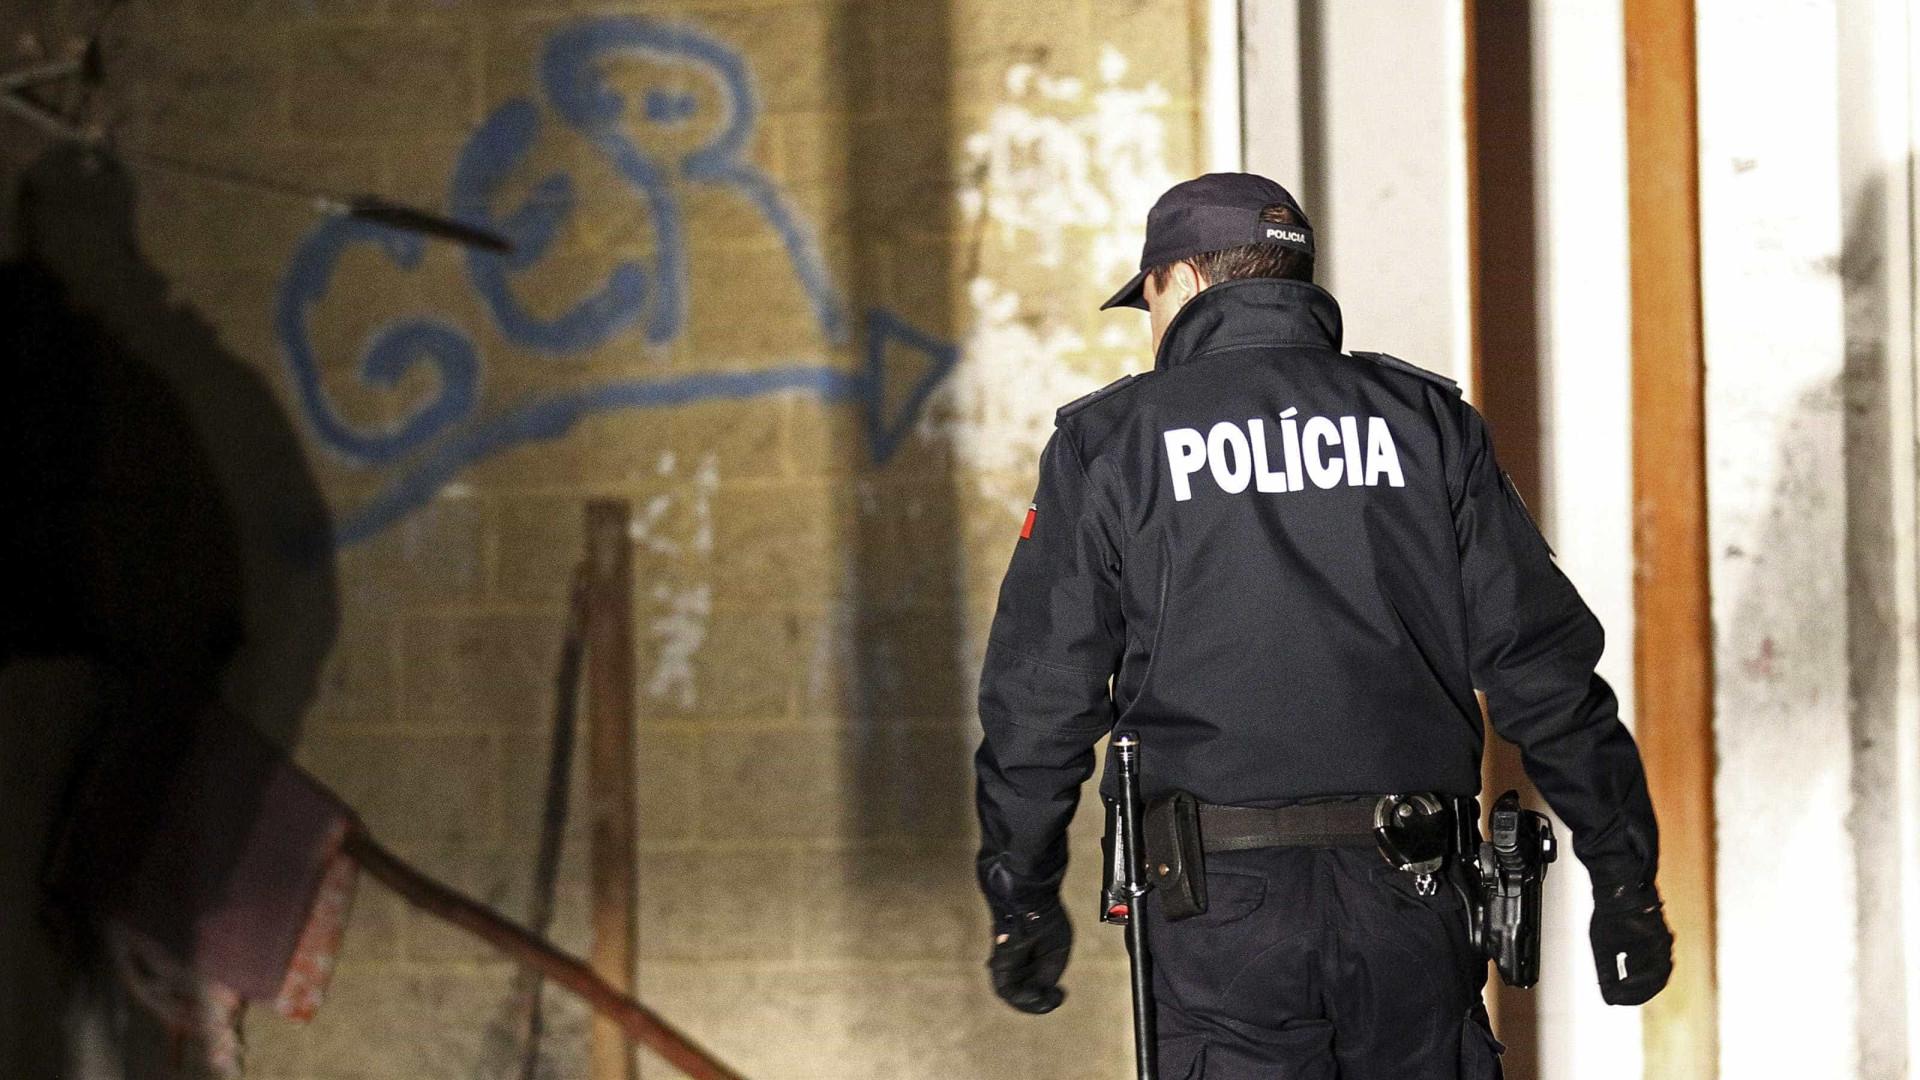 PSP reforça a segurança e vigilância em zonas de afluência de pessoas